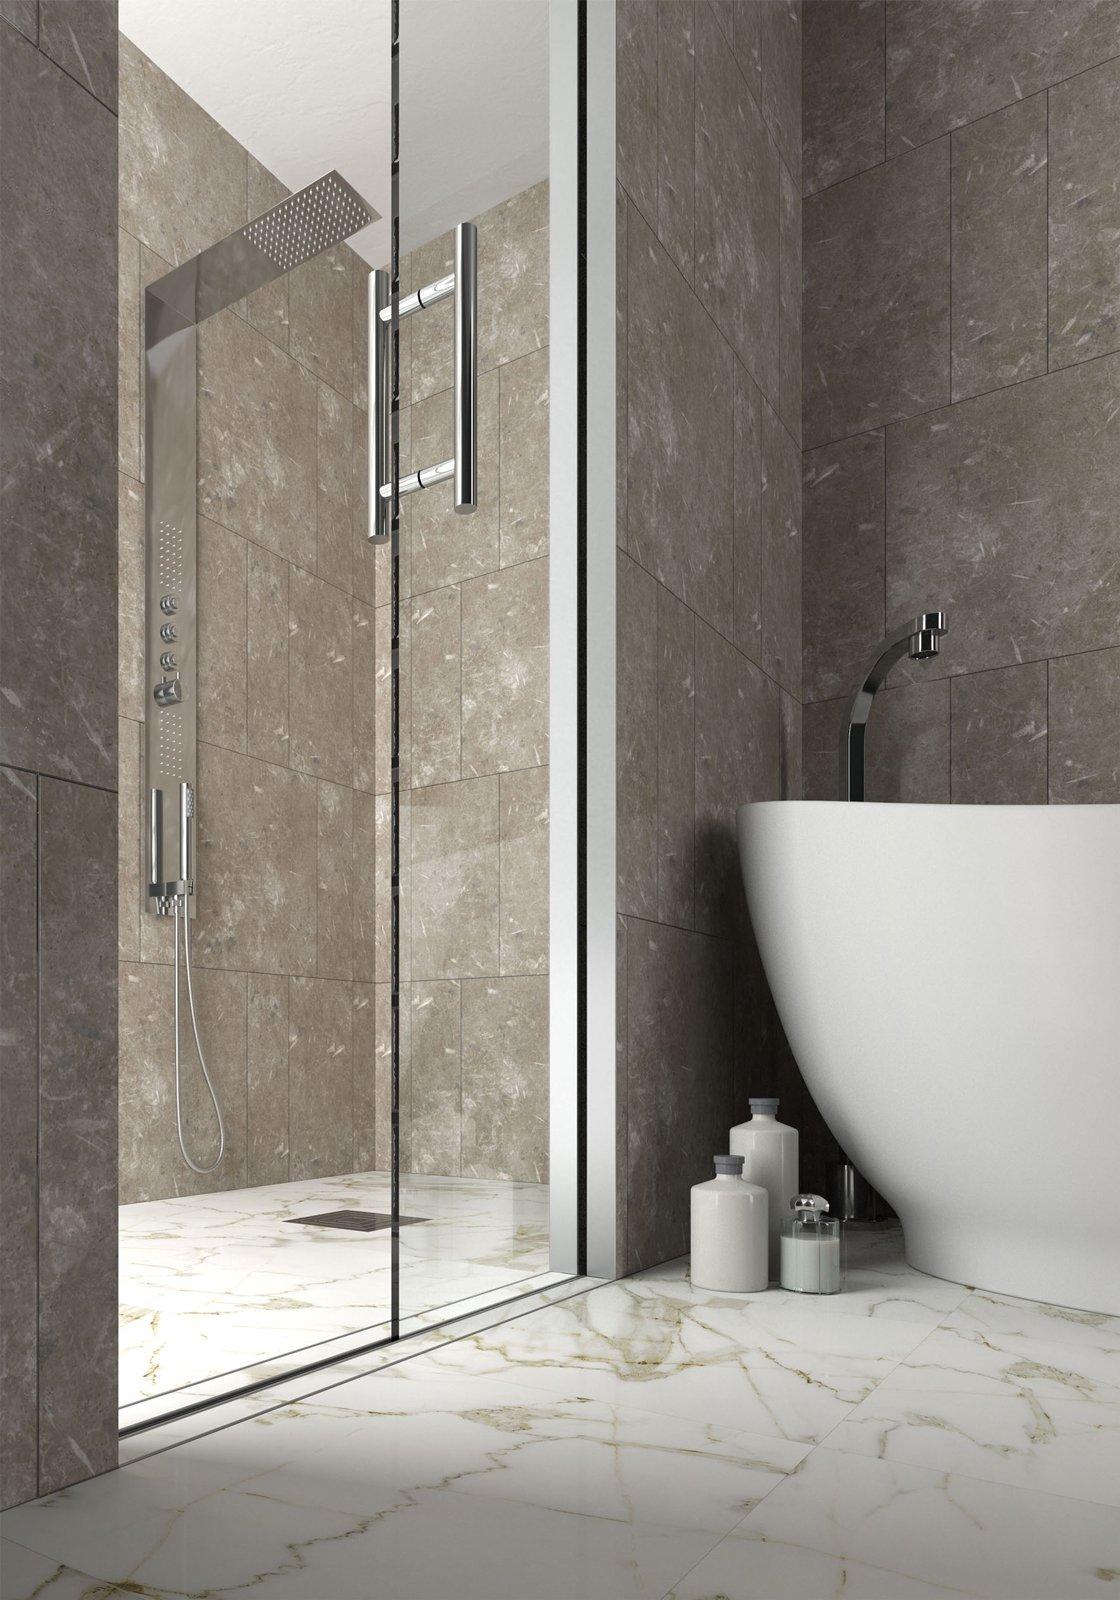 Porta scrigno per doccia funzionale salvaspazio e di - Porte per bagno ...